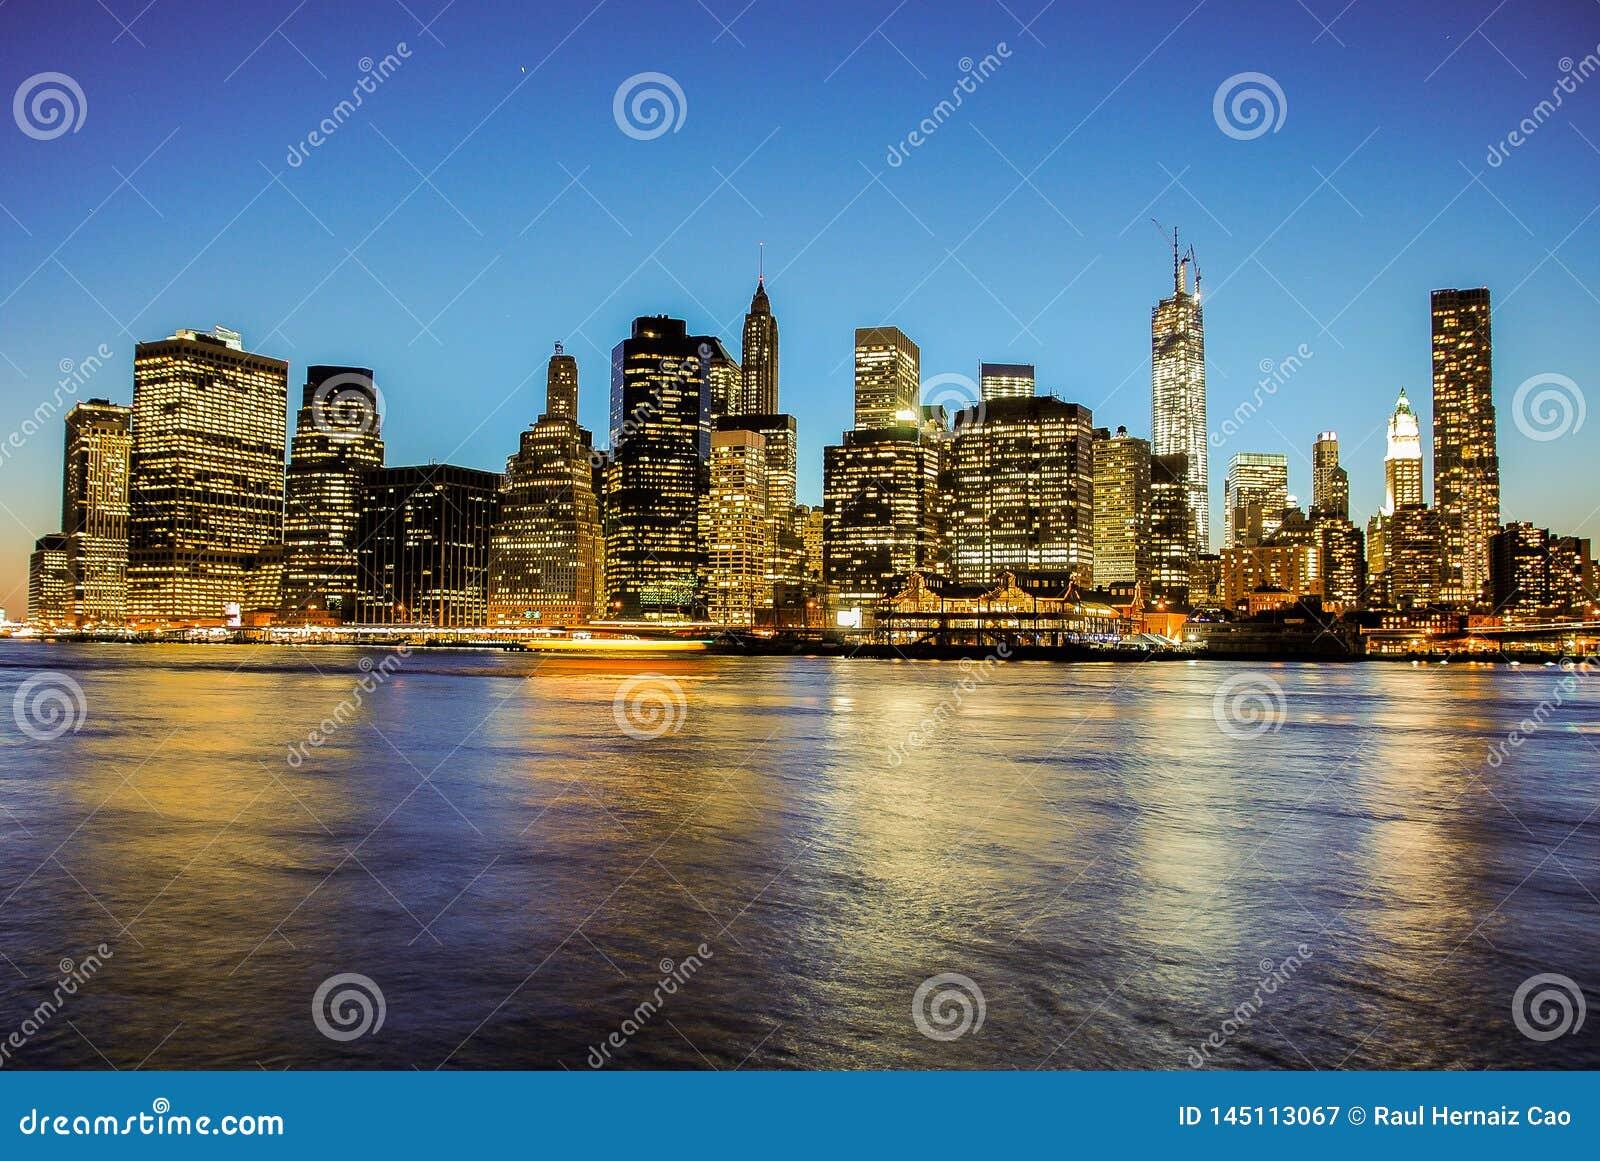 Skyline de Manhattan no por do sol, fechada à noite Vista agradável desde Brooklyn